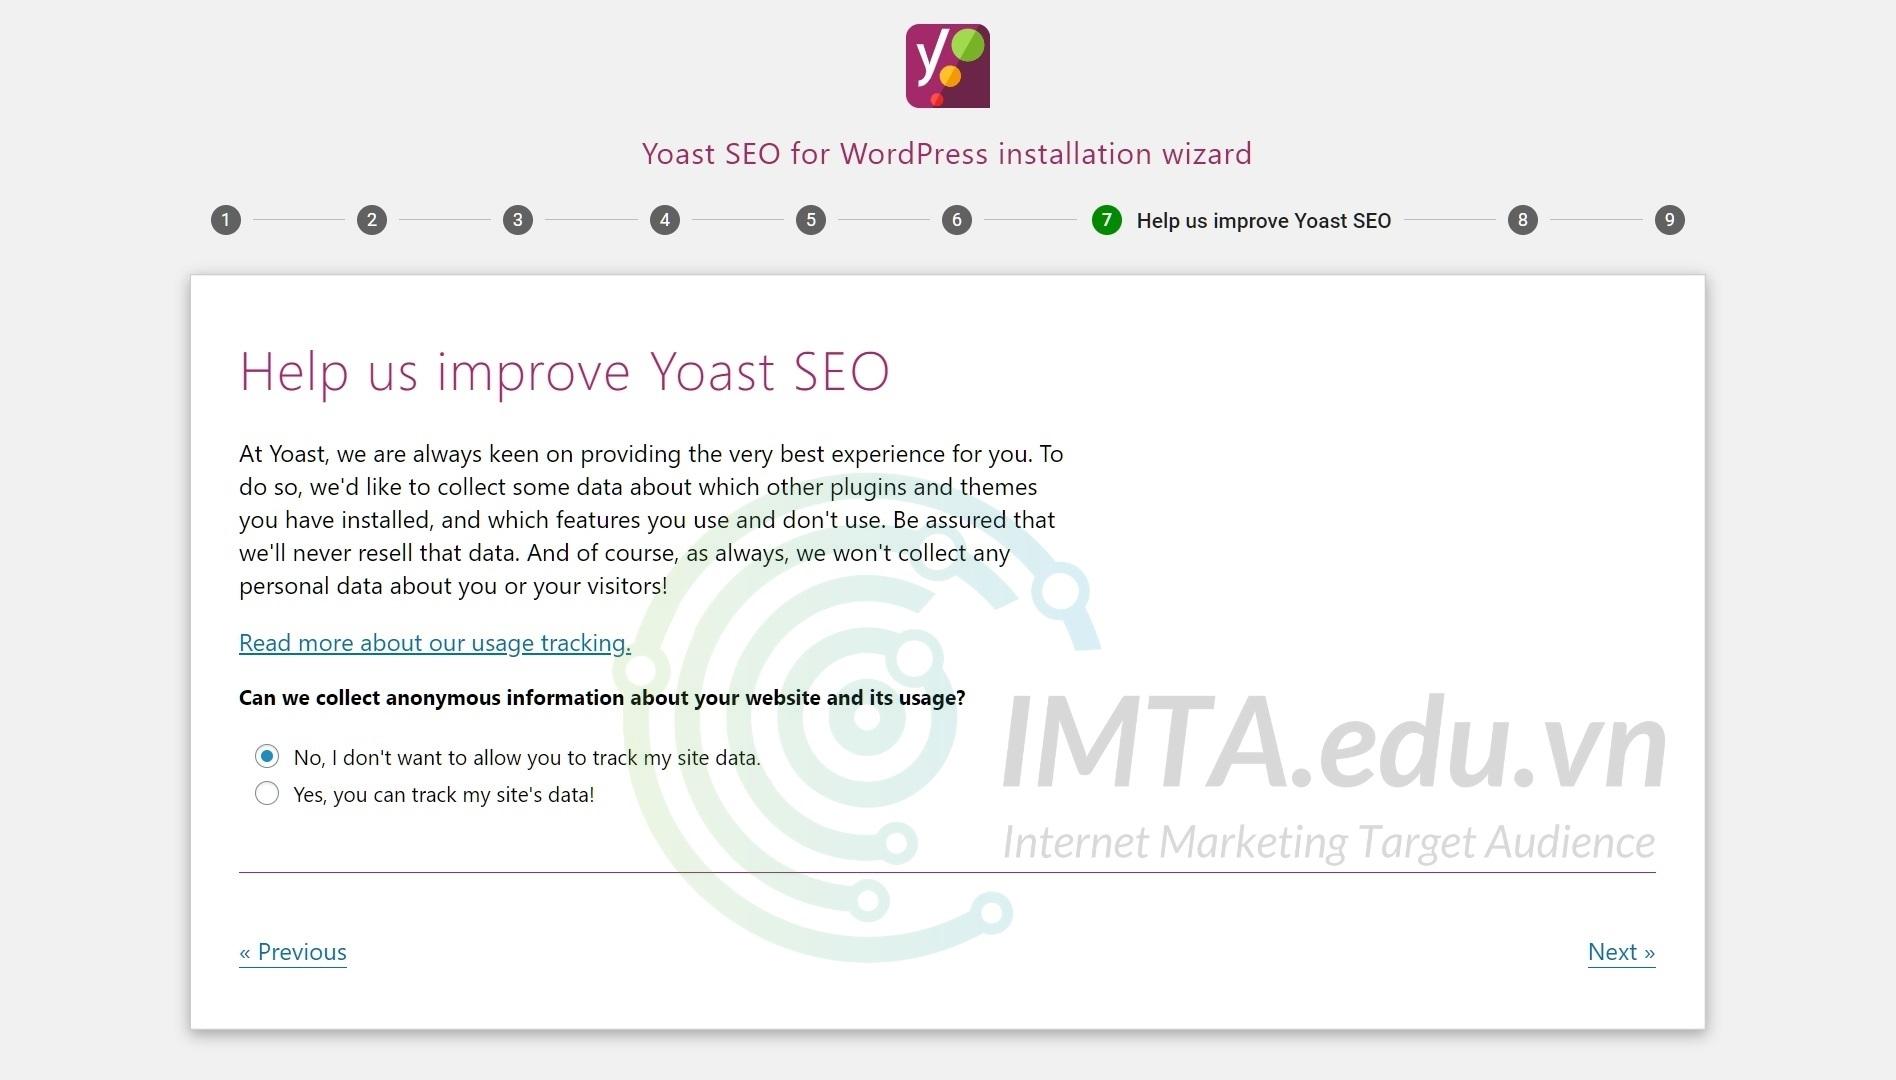 Từ chối quyền theo dõi dữ liệu website của Yoast SEO